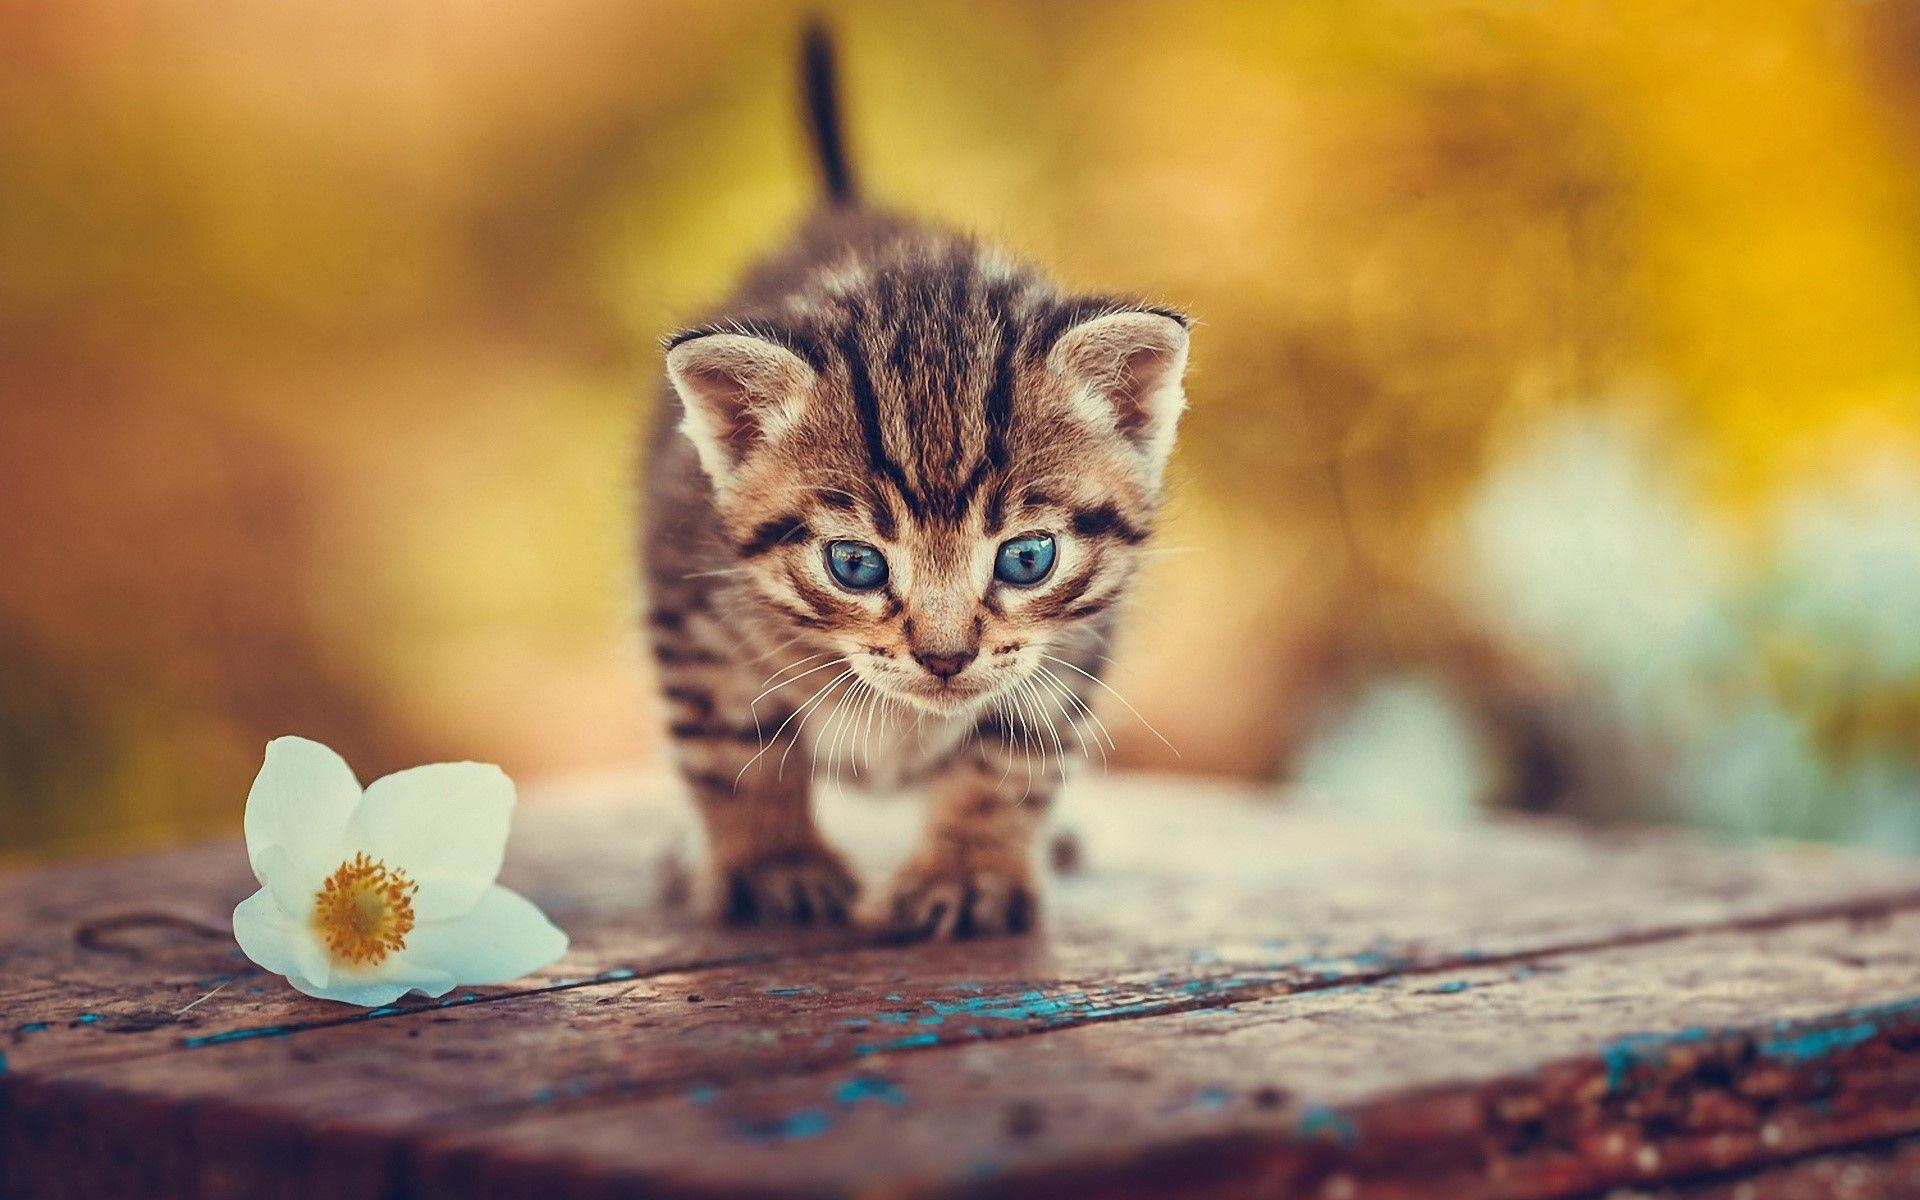 Kitten Wallpaper Cute Cats Photos Kitten Wallpaper Cute Cat Wallpaper